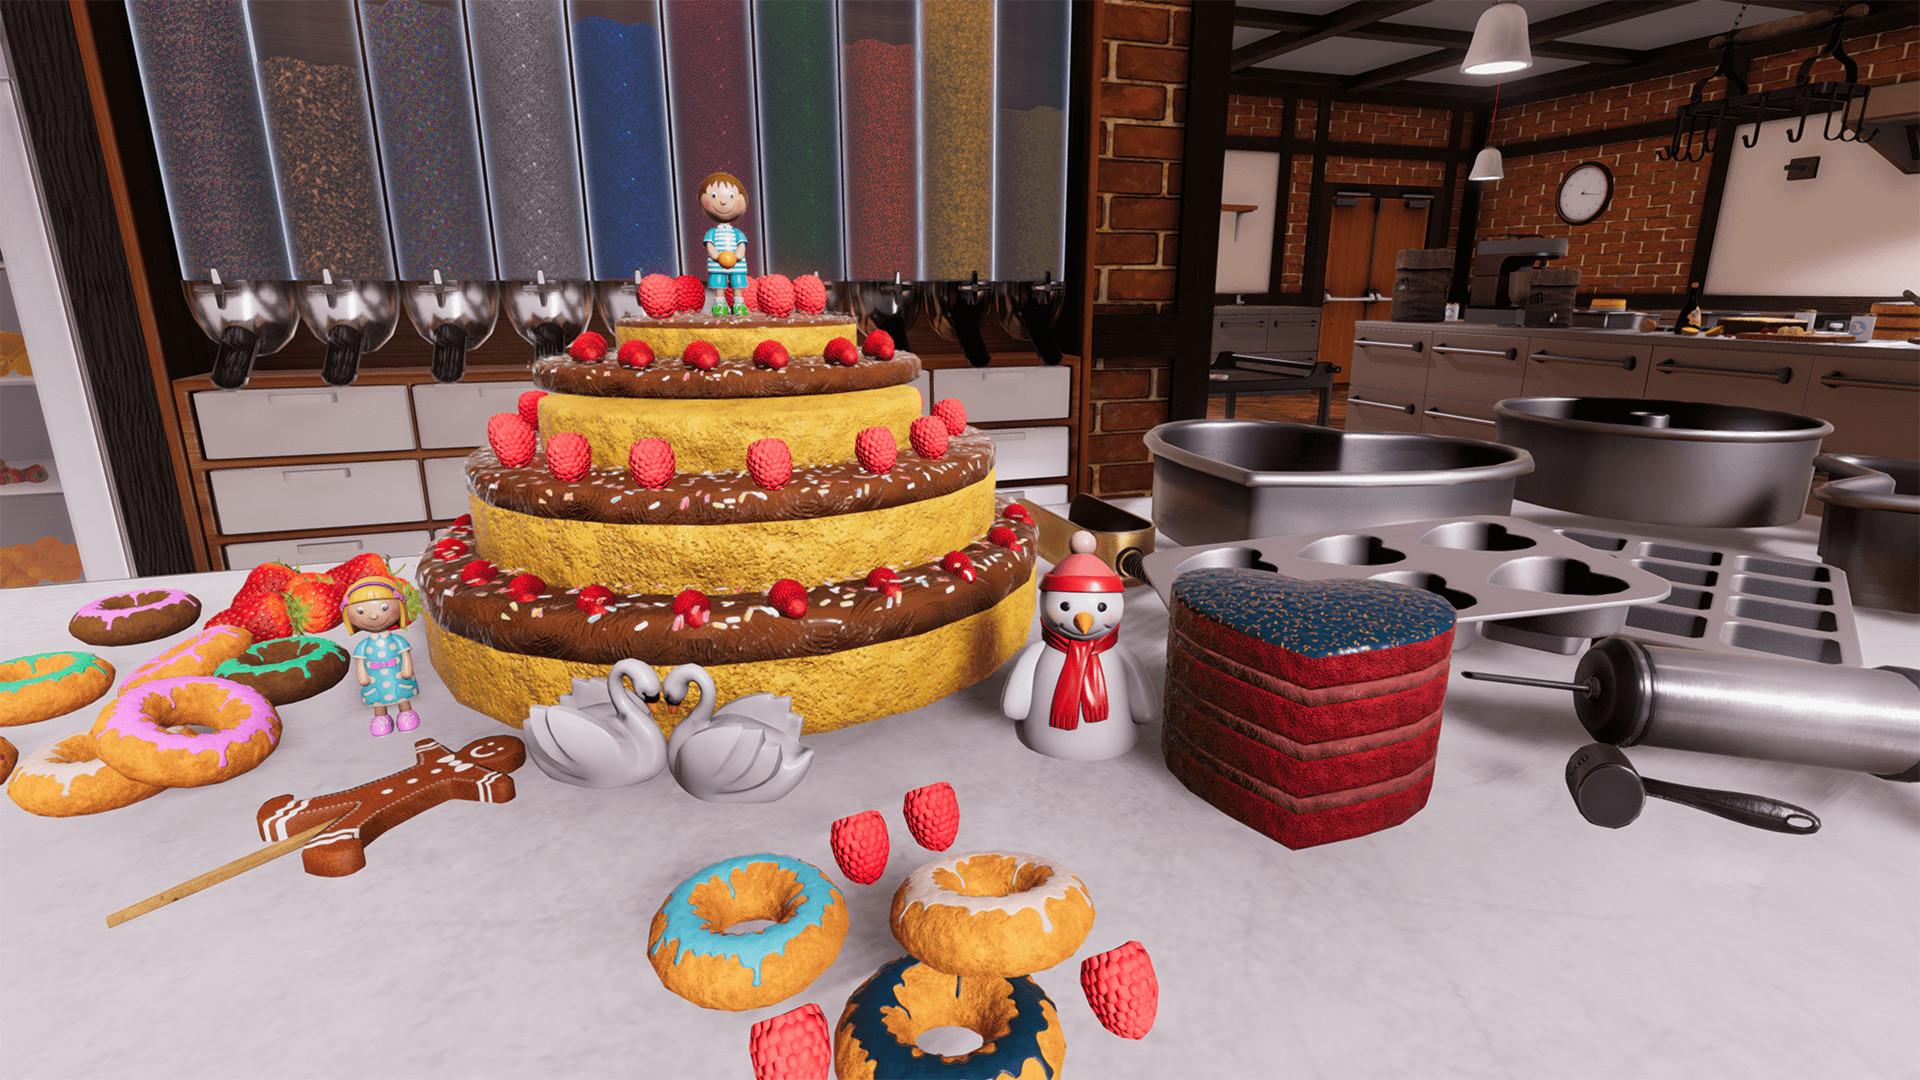 """《料理模拟器》DLC""""糕点""""将于6月11日登陆Steam"""